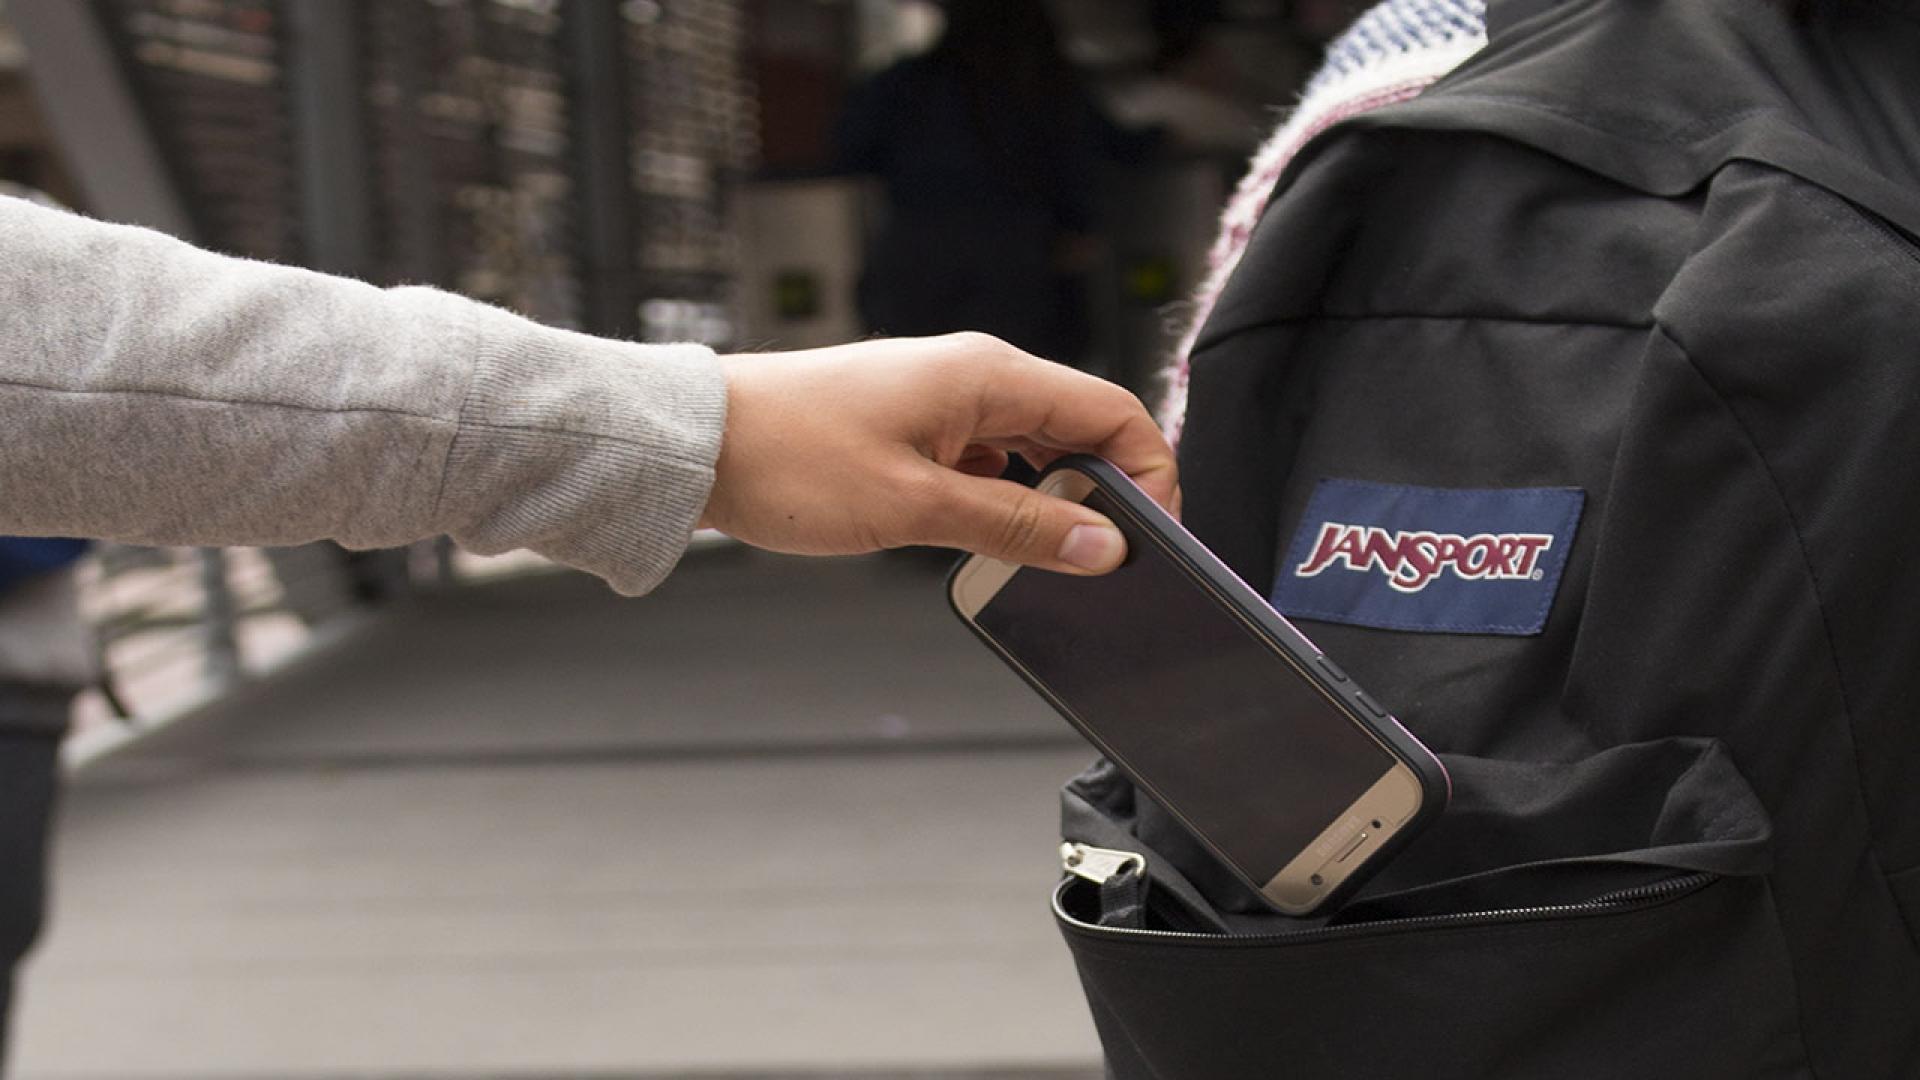 Banda roba celulares en transmilenio y mujer enfrenta a ladrones